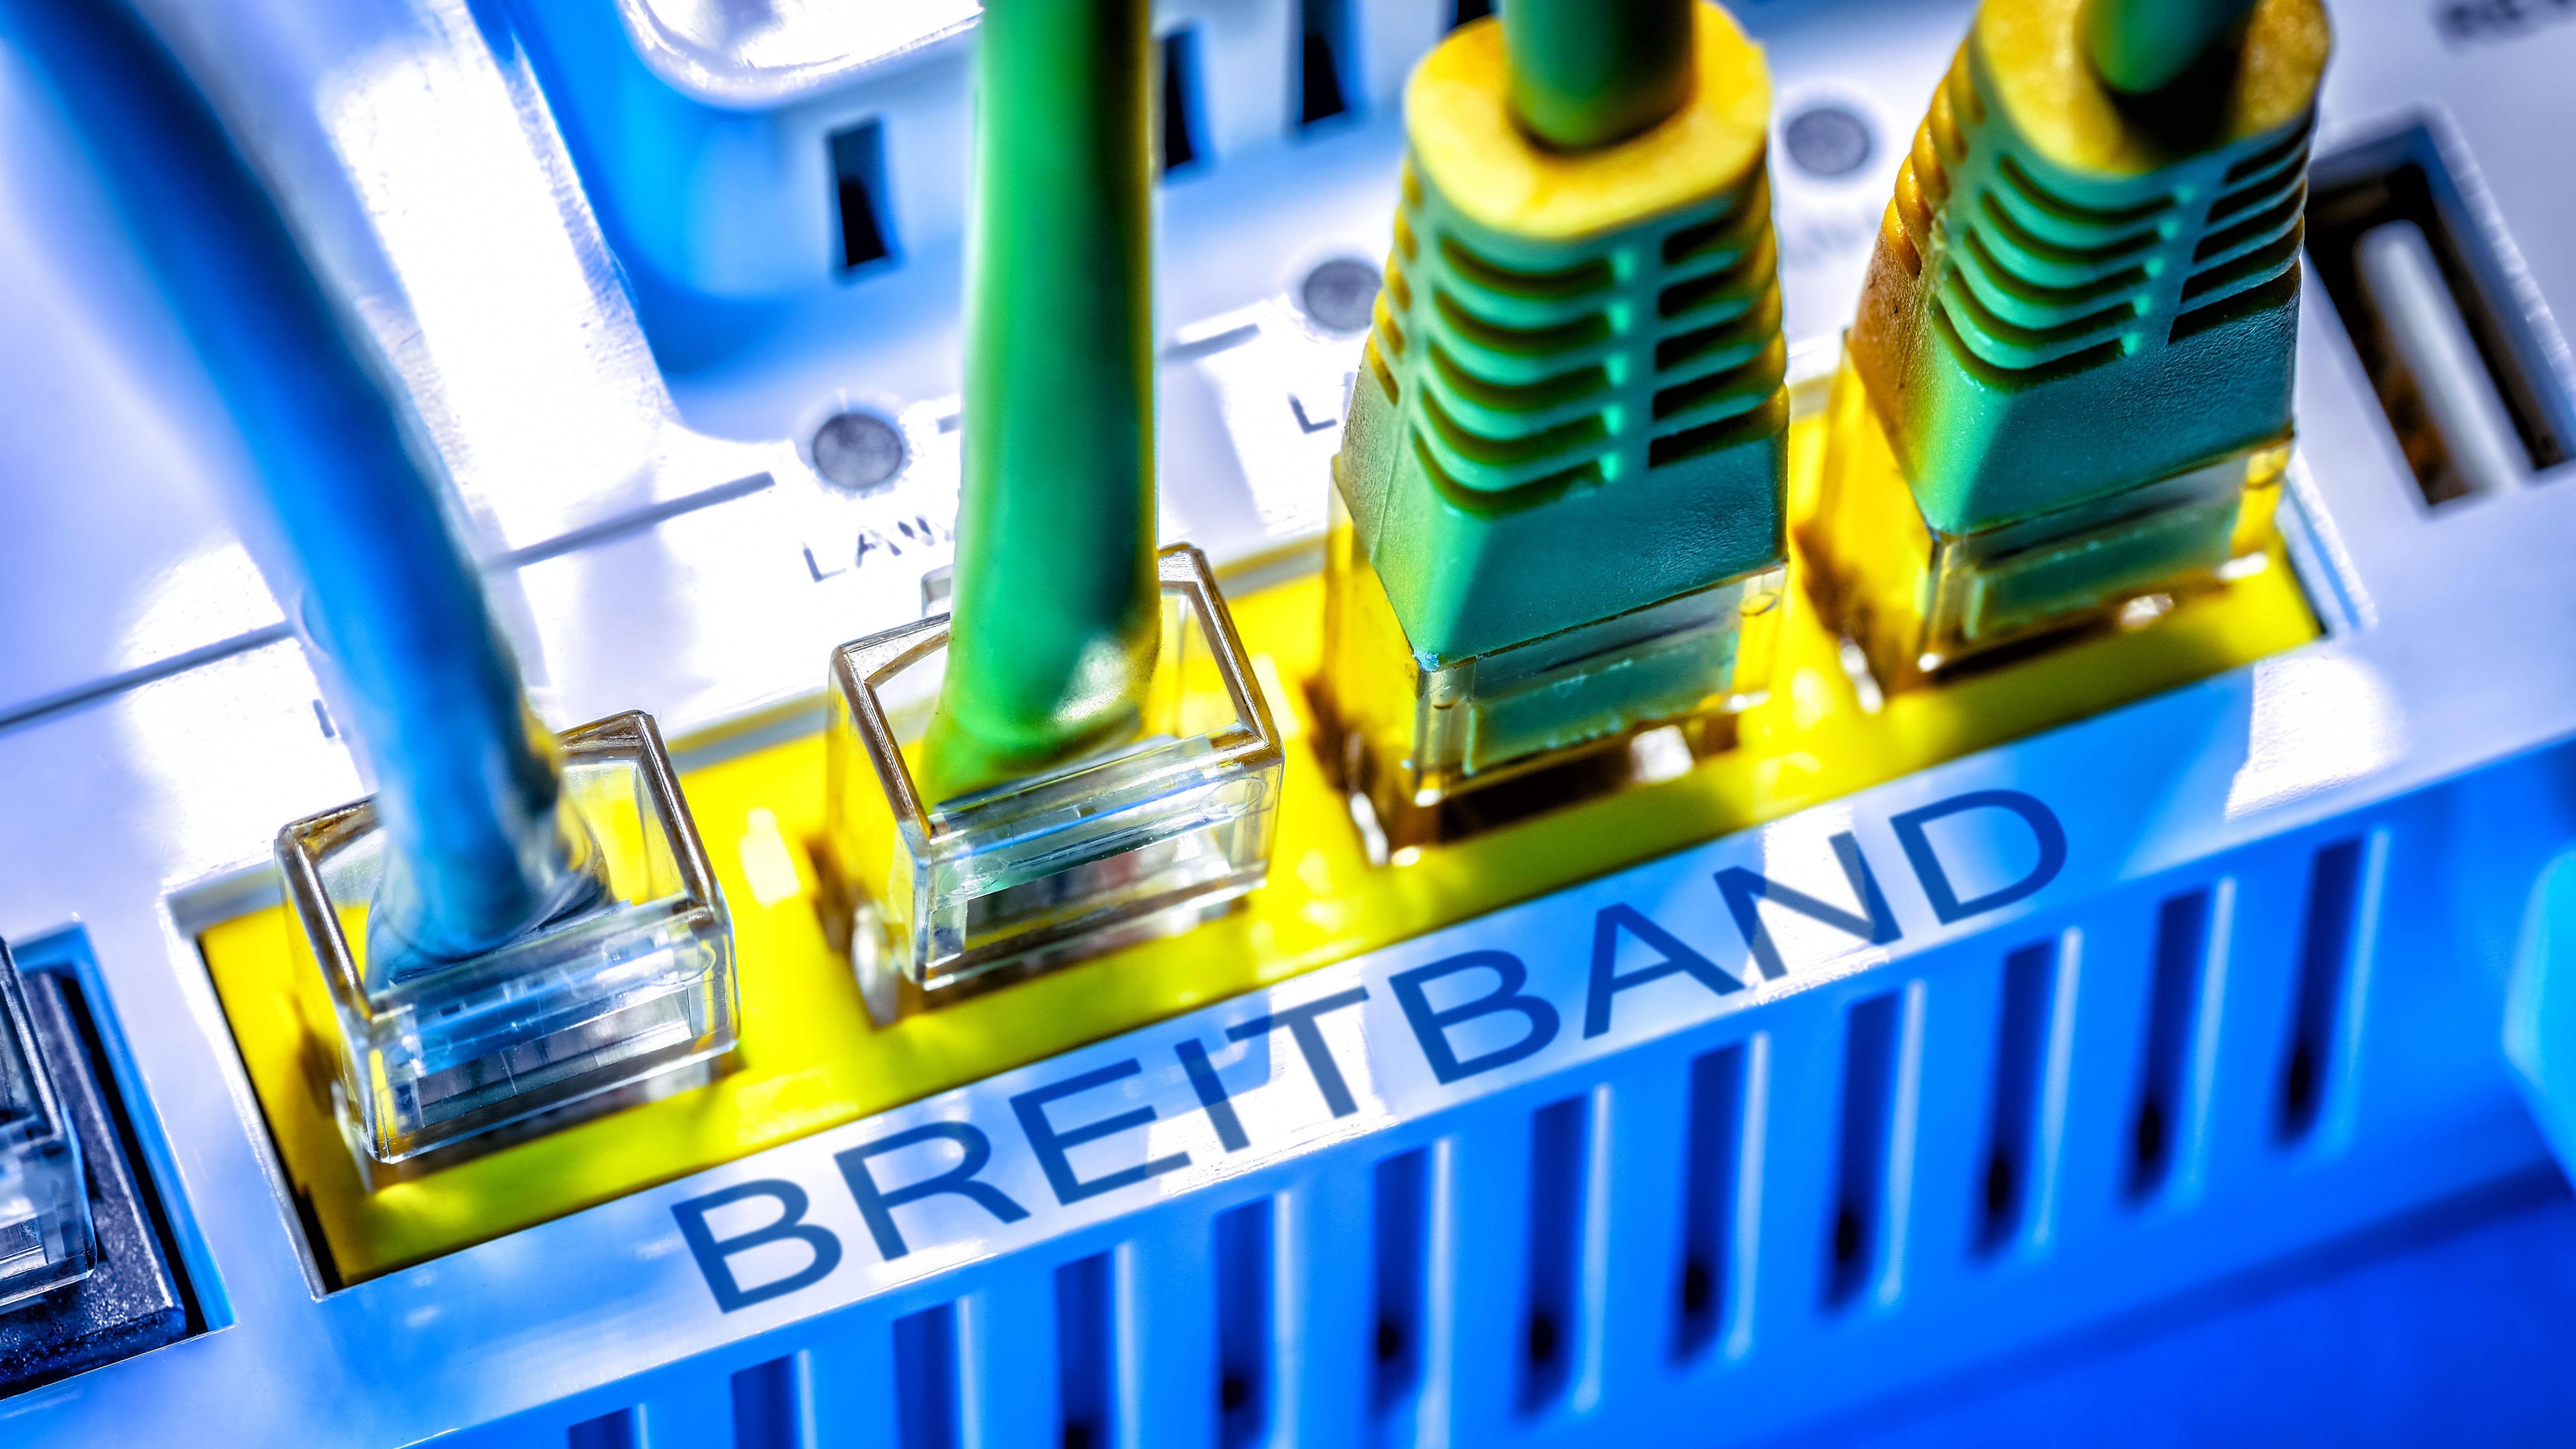 Breitbandausbau: Gigabitnetze sind in Deutschland noch Zukunftsmusik